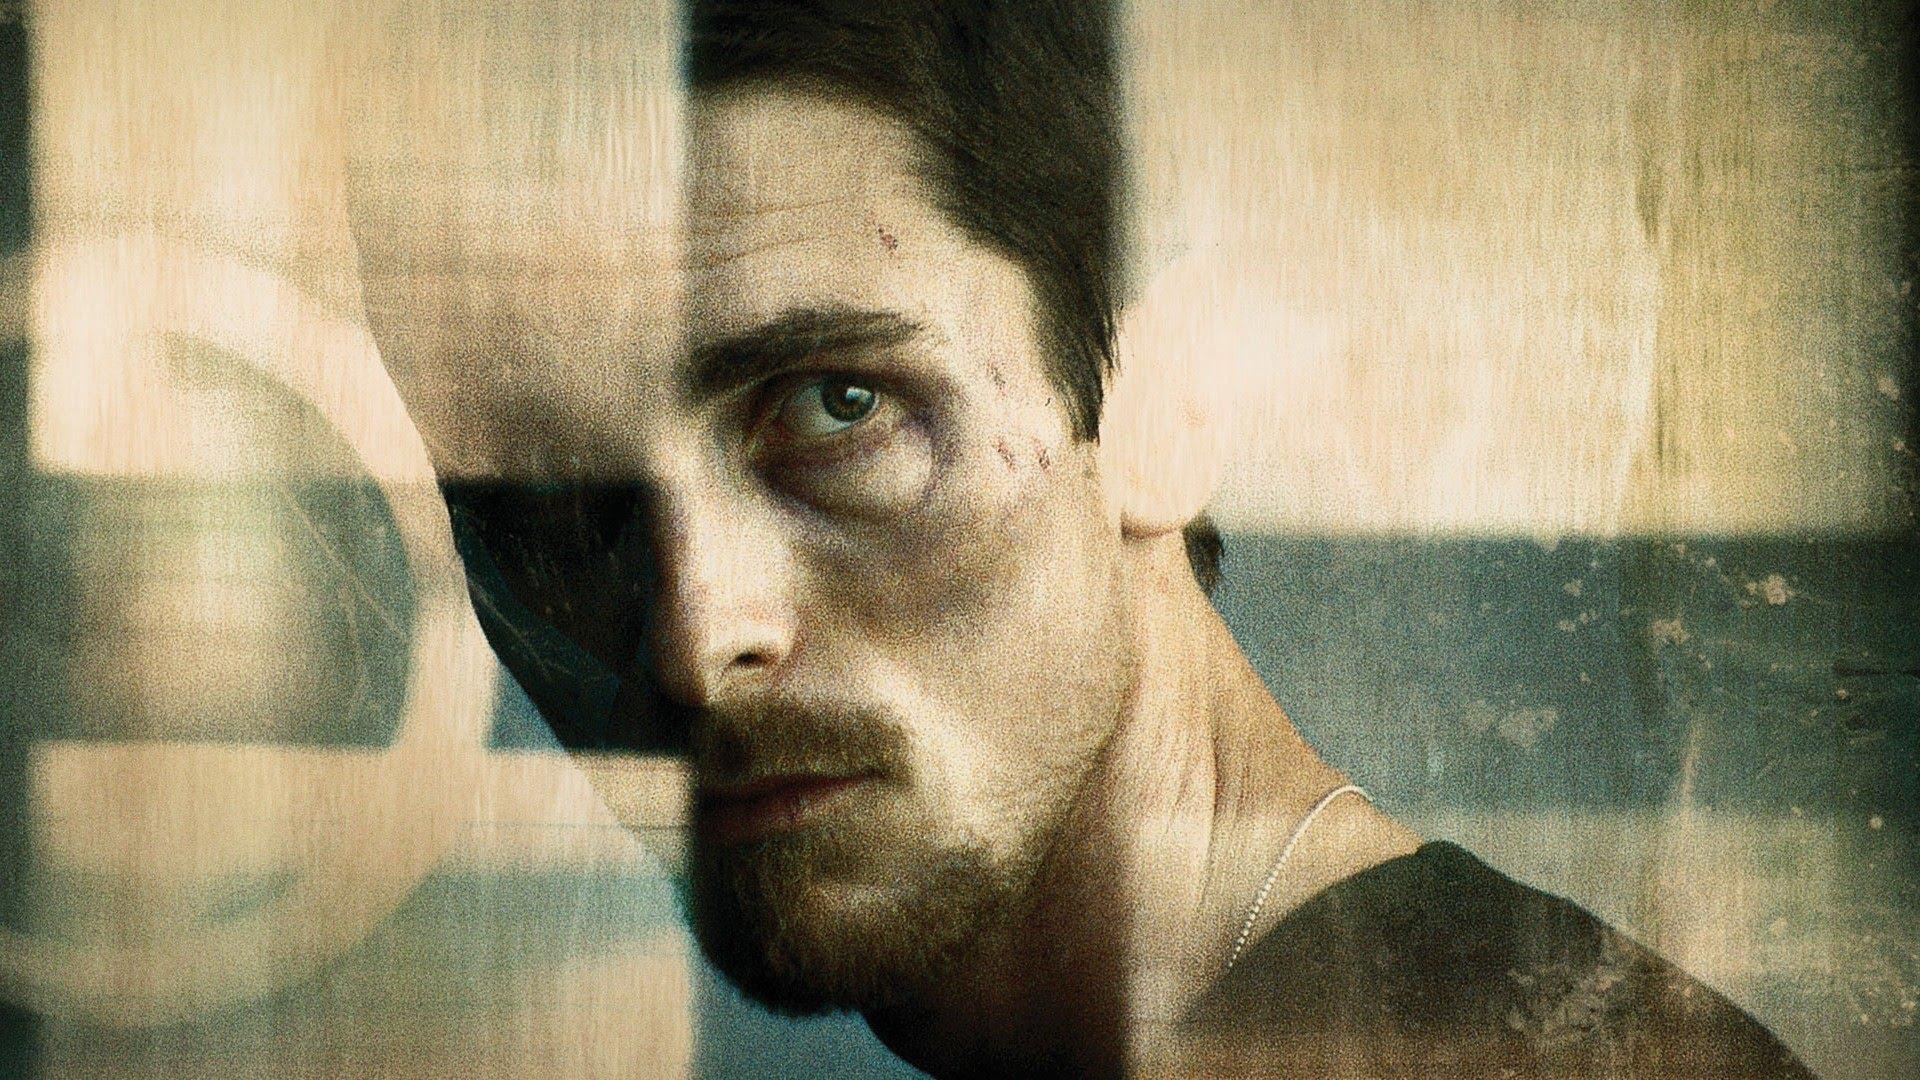 christian bale christian bale Cele mai tari filme cu Christian Bale în rol principal maxresdefault